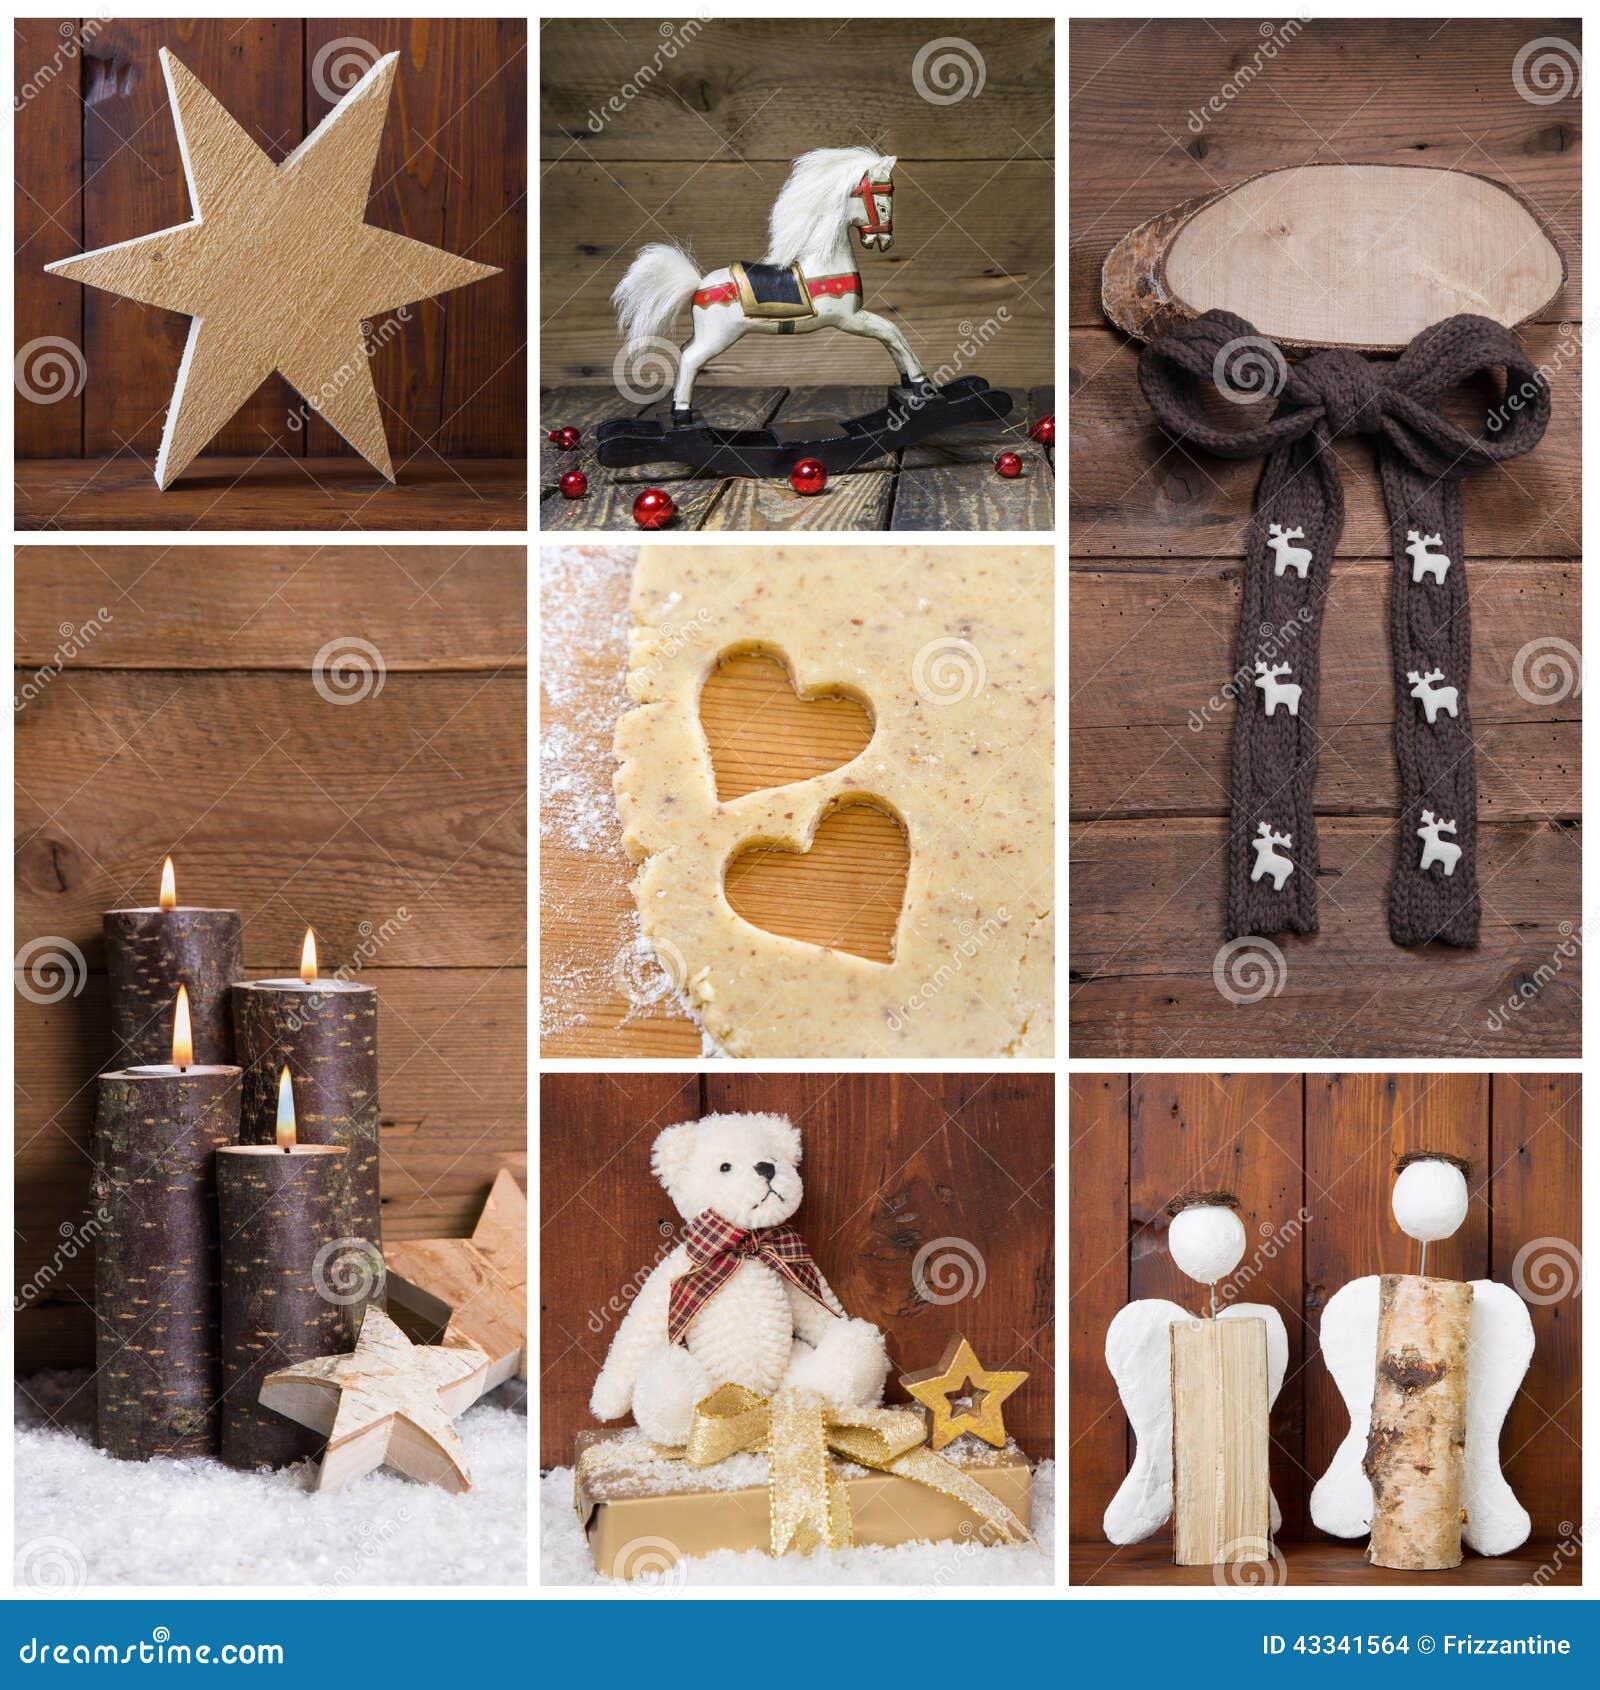 Download Natürliche Weihnachtsdekoration Mit Holz Verschiedene Gegenstände  Im Squ Stockfoto   Bild Von Land, Geschnitzt